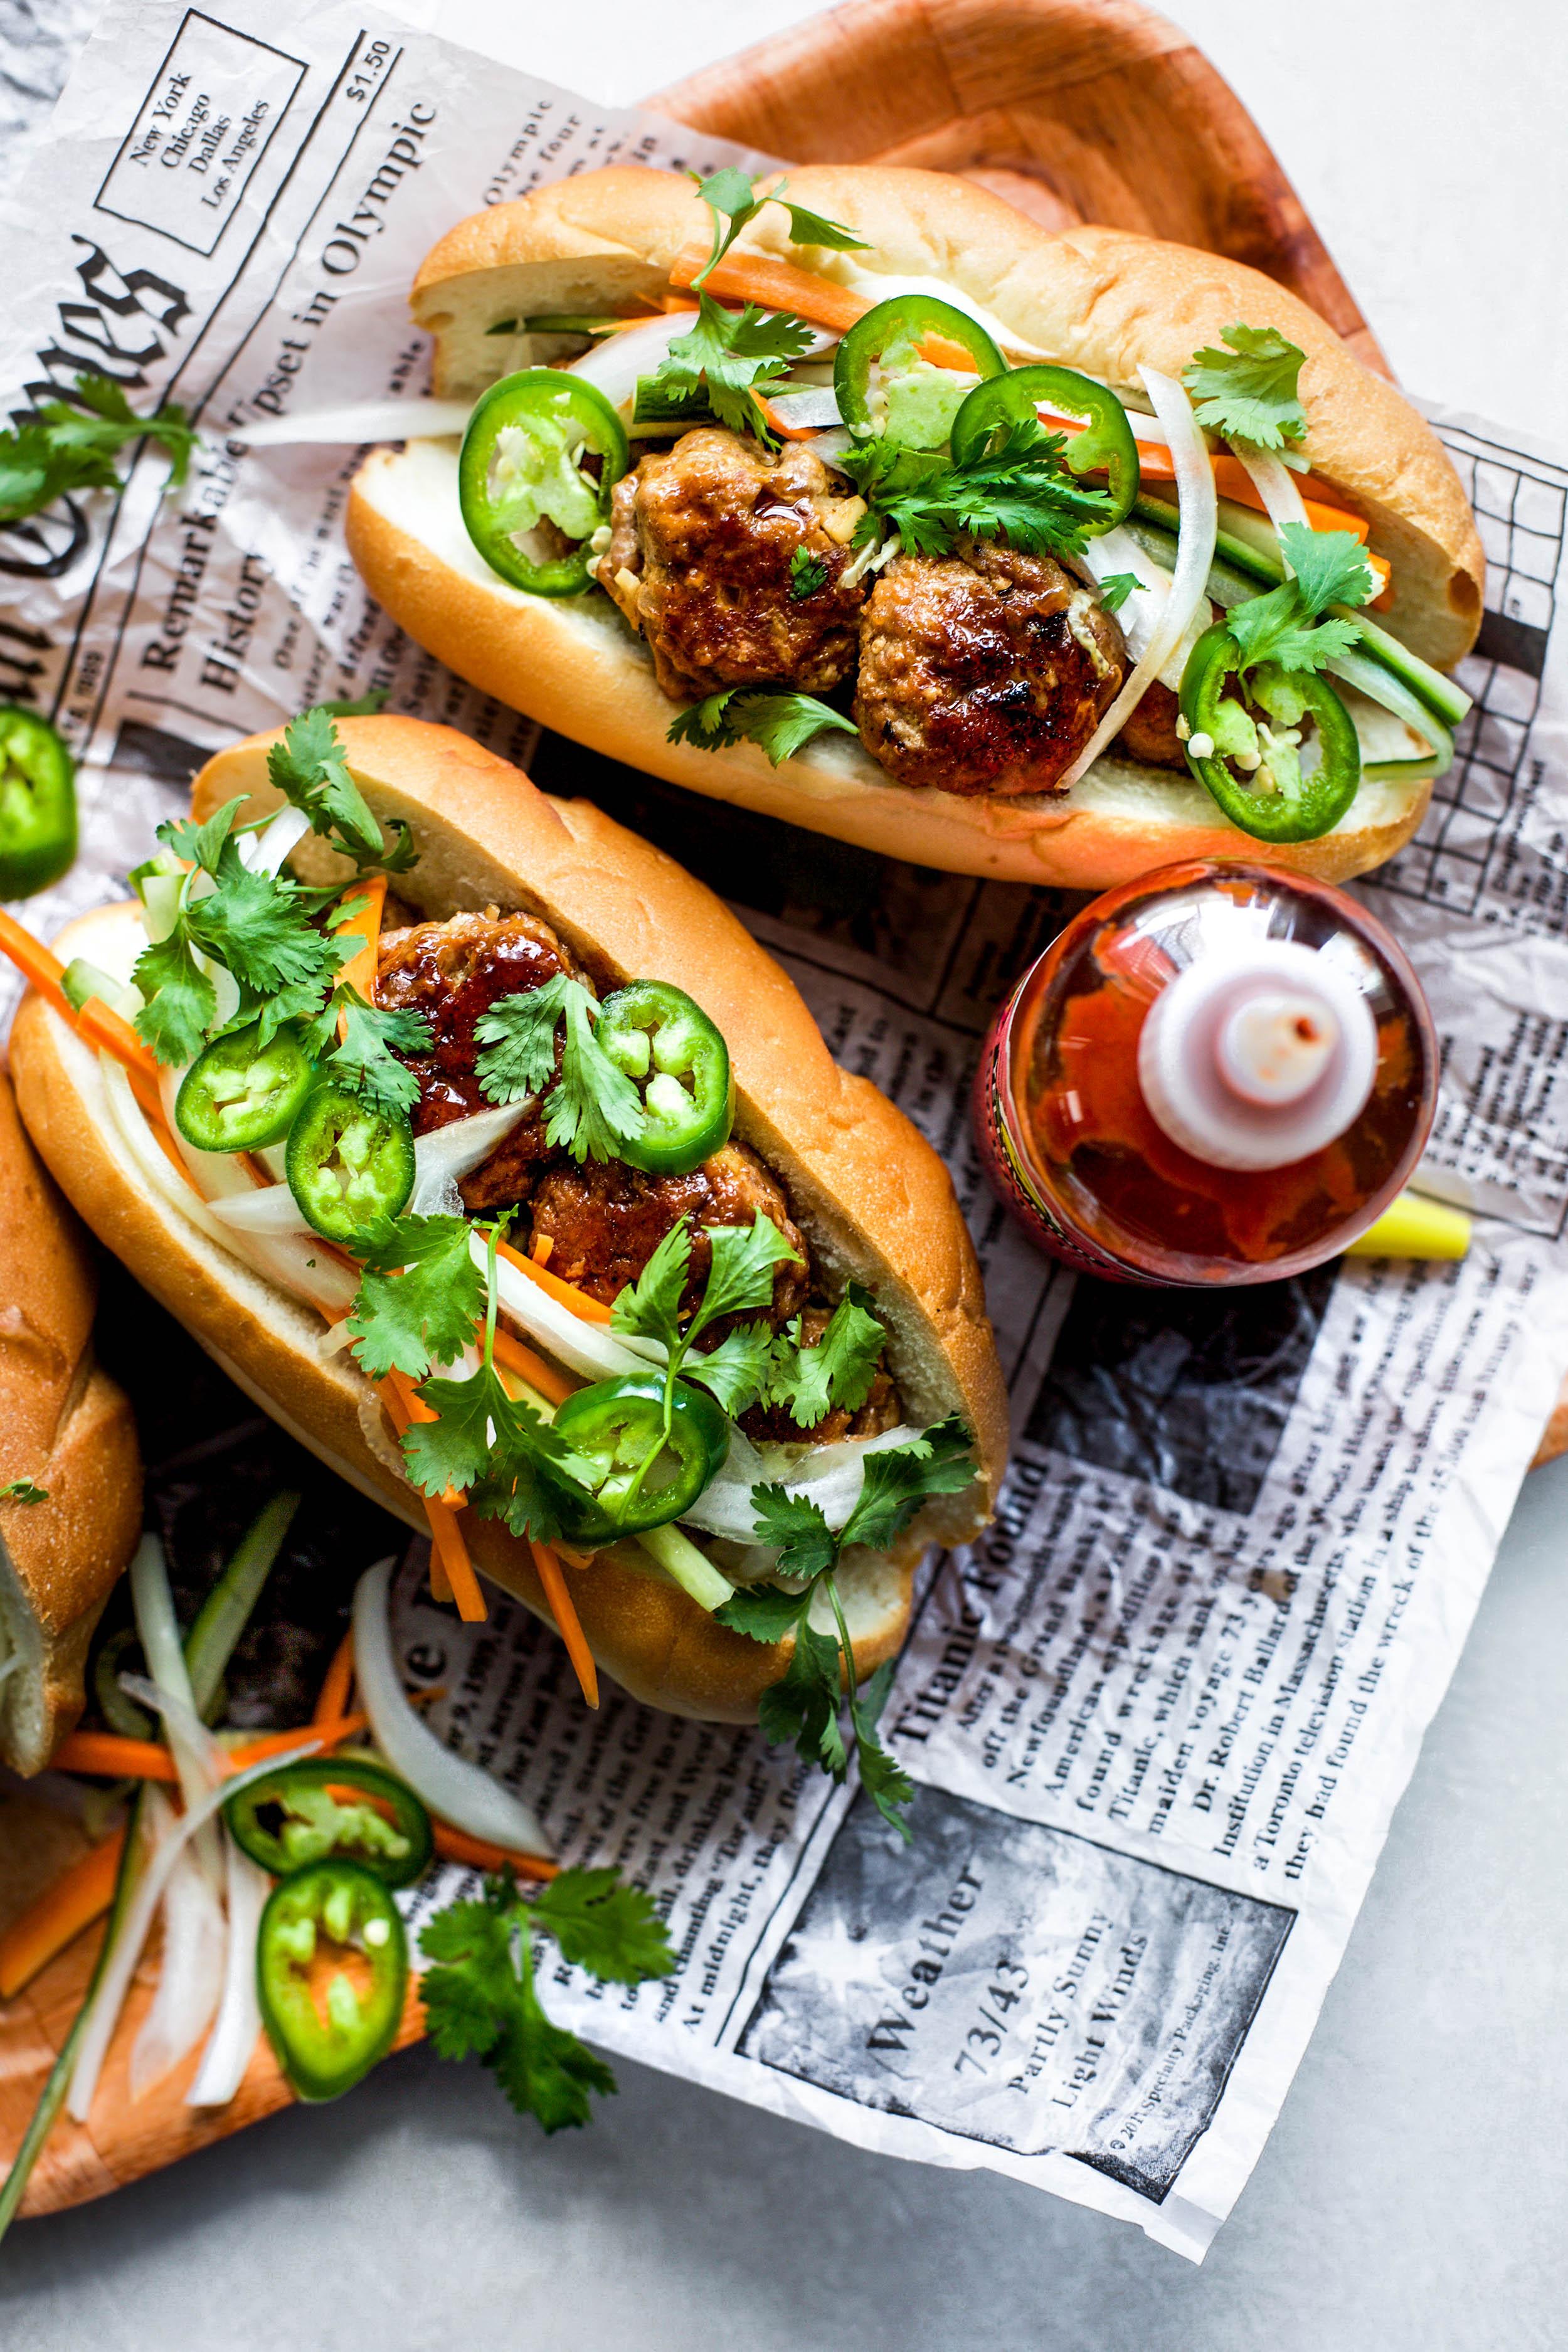 Bahn Mi Meatball Sandwiches